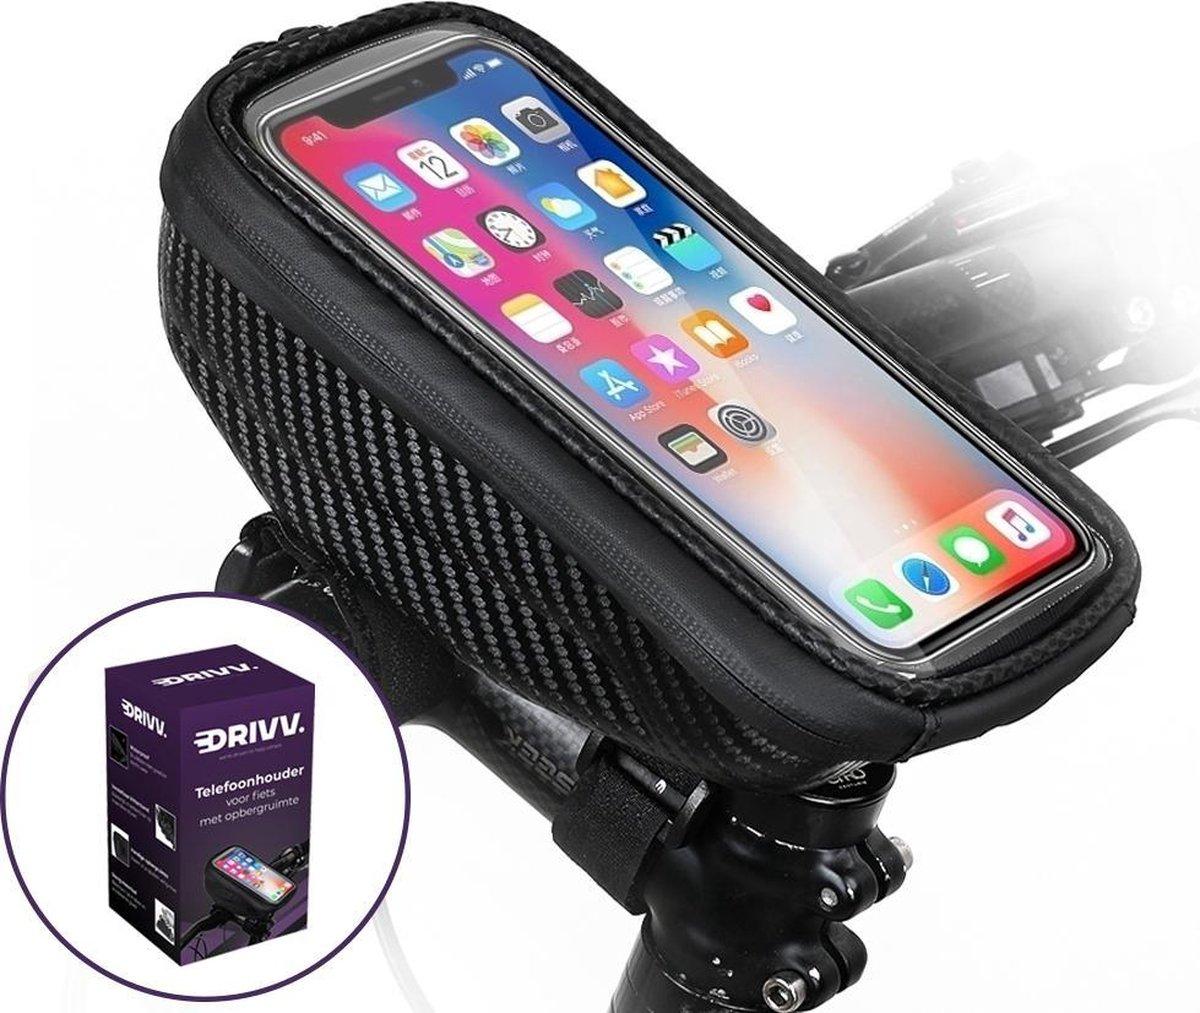 Telefoonhouder Fiets Waterdicht  - Fietshouder voor Smartphone - GSM Houder Fiets - Telefoonhouder M